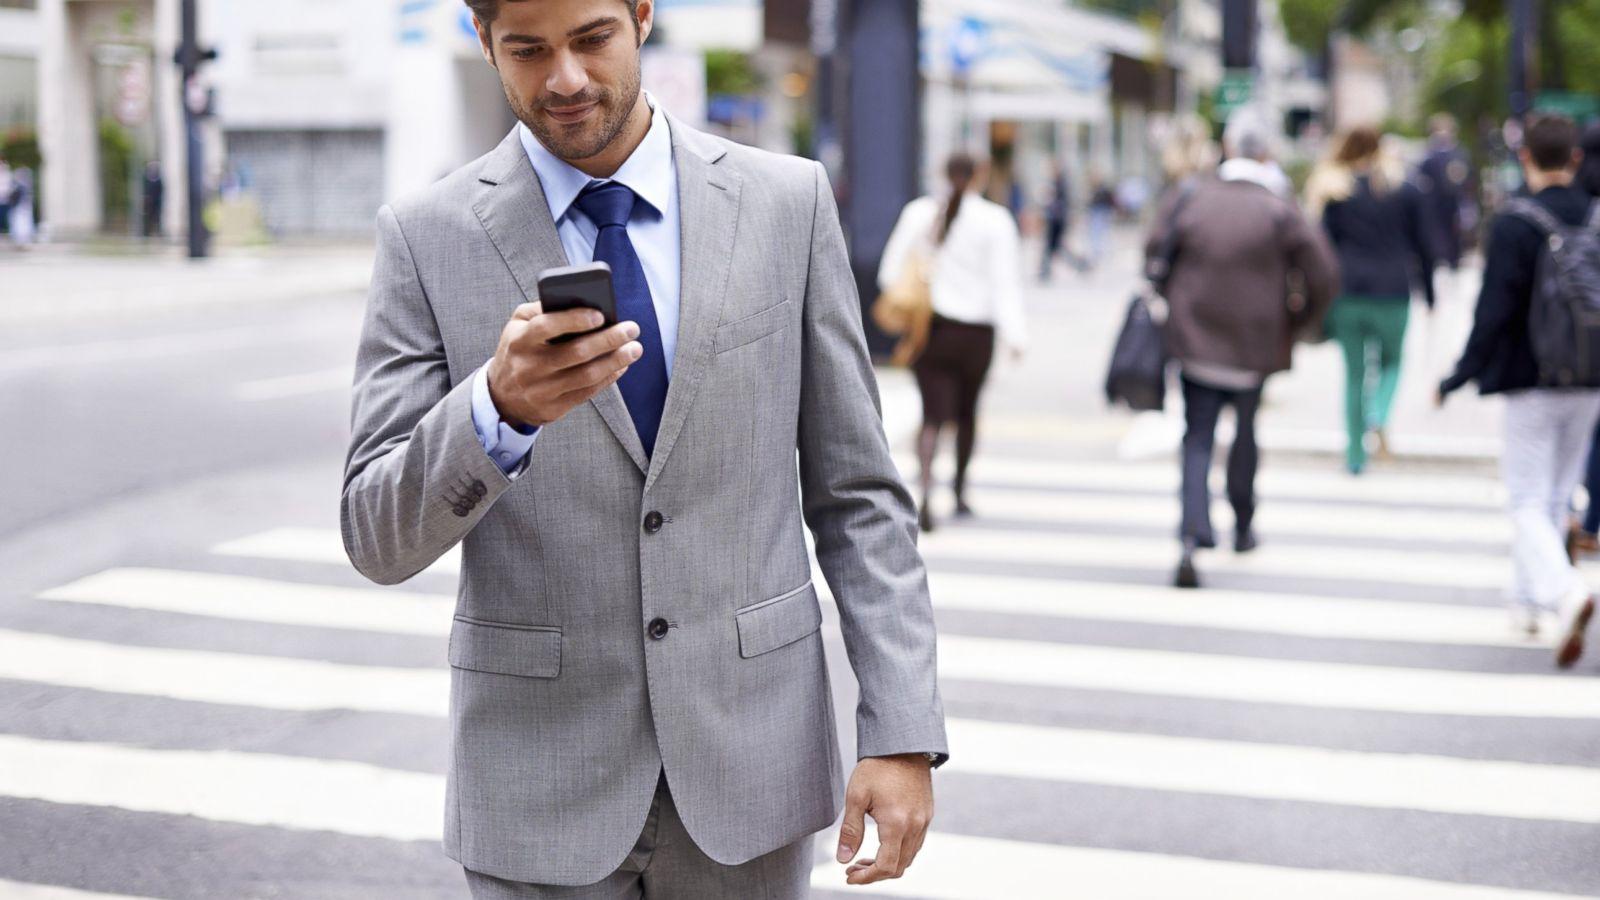 Man on phone on street